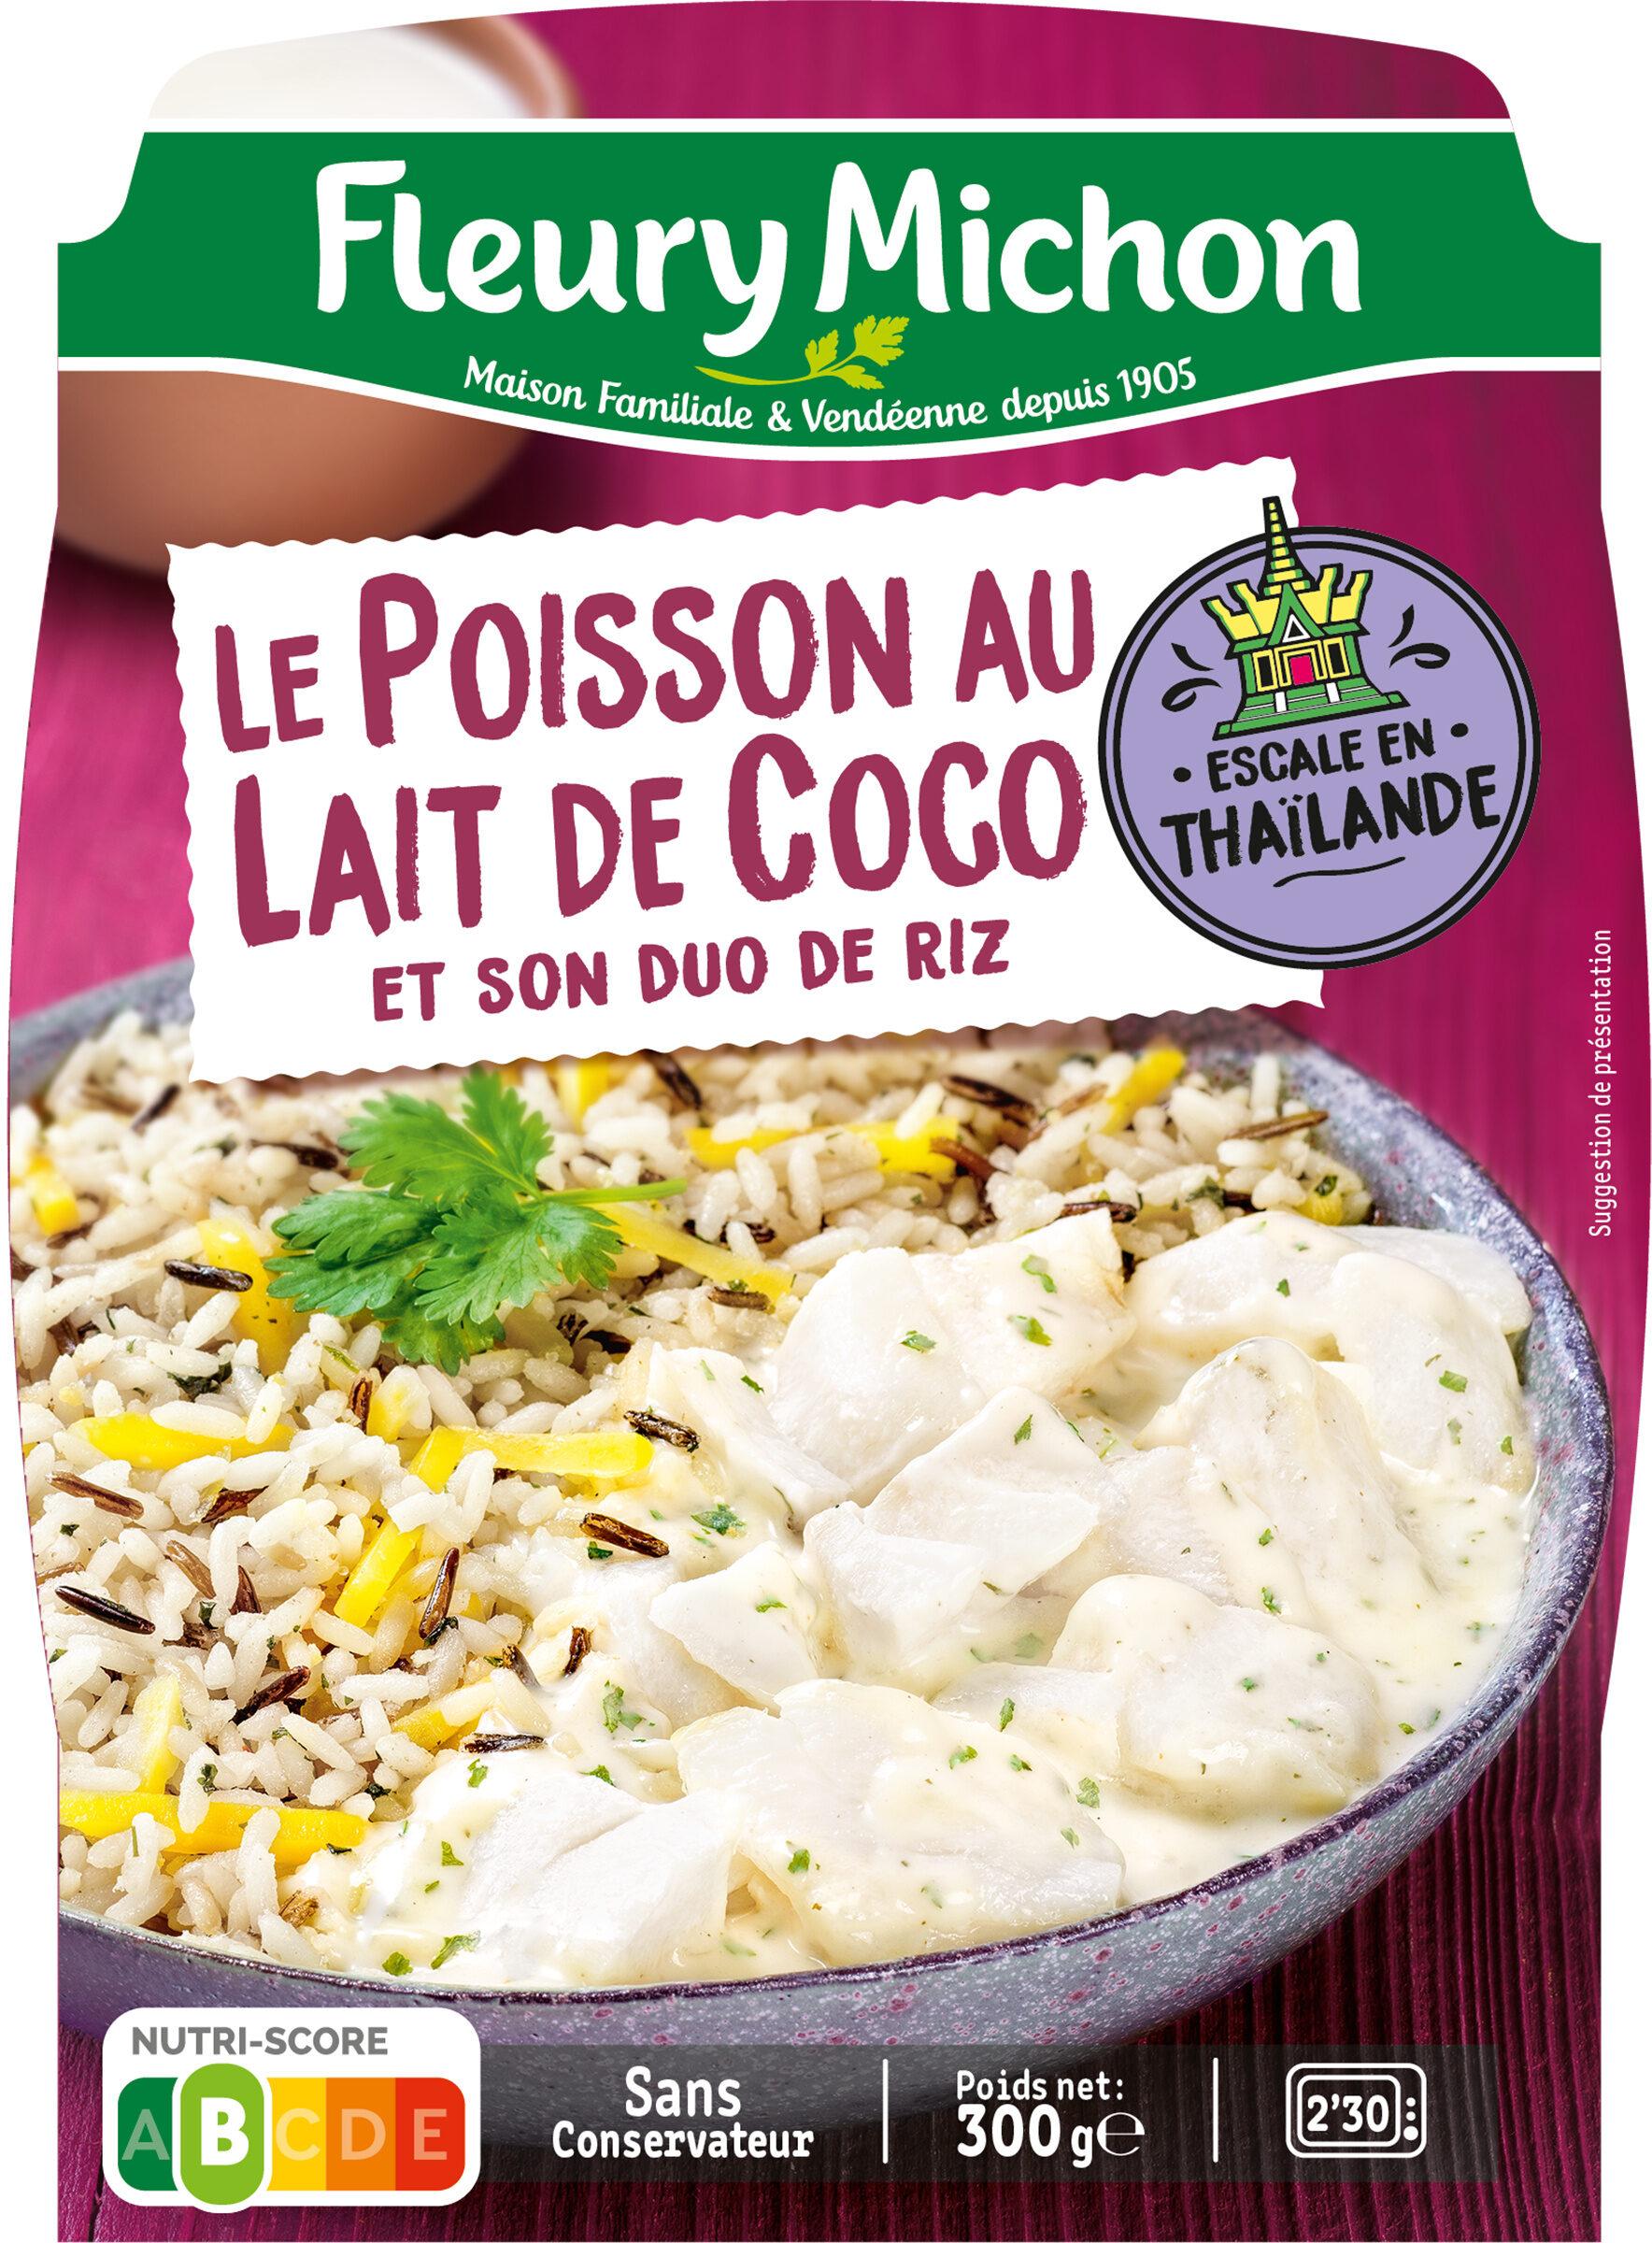 Le Poisson au lait de coco et son duo de riz - Produit - fr